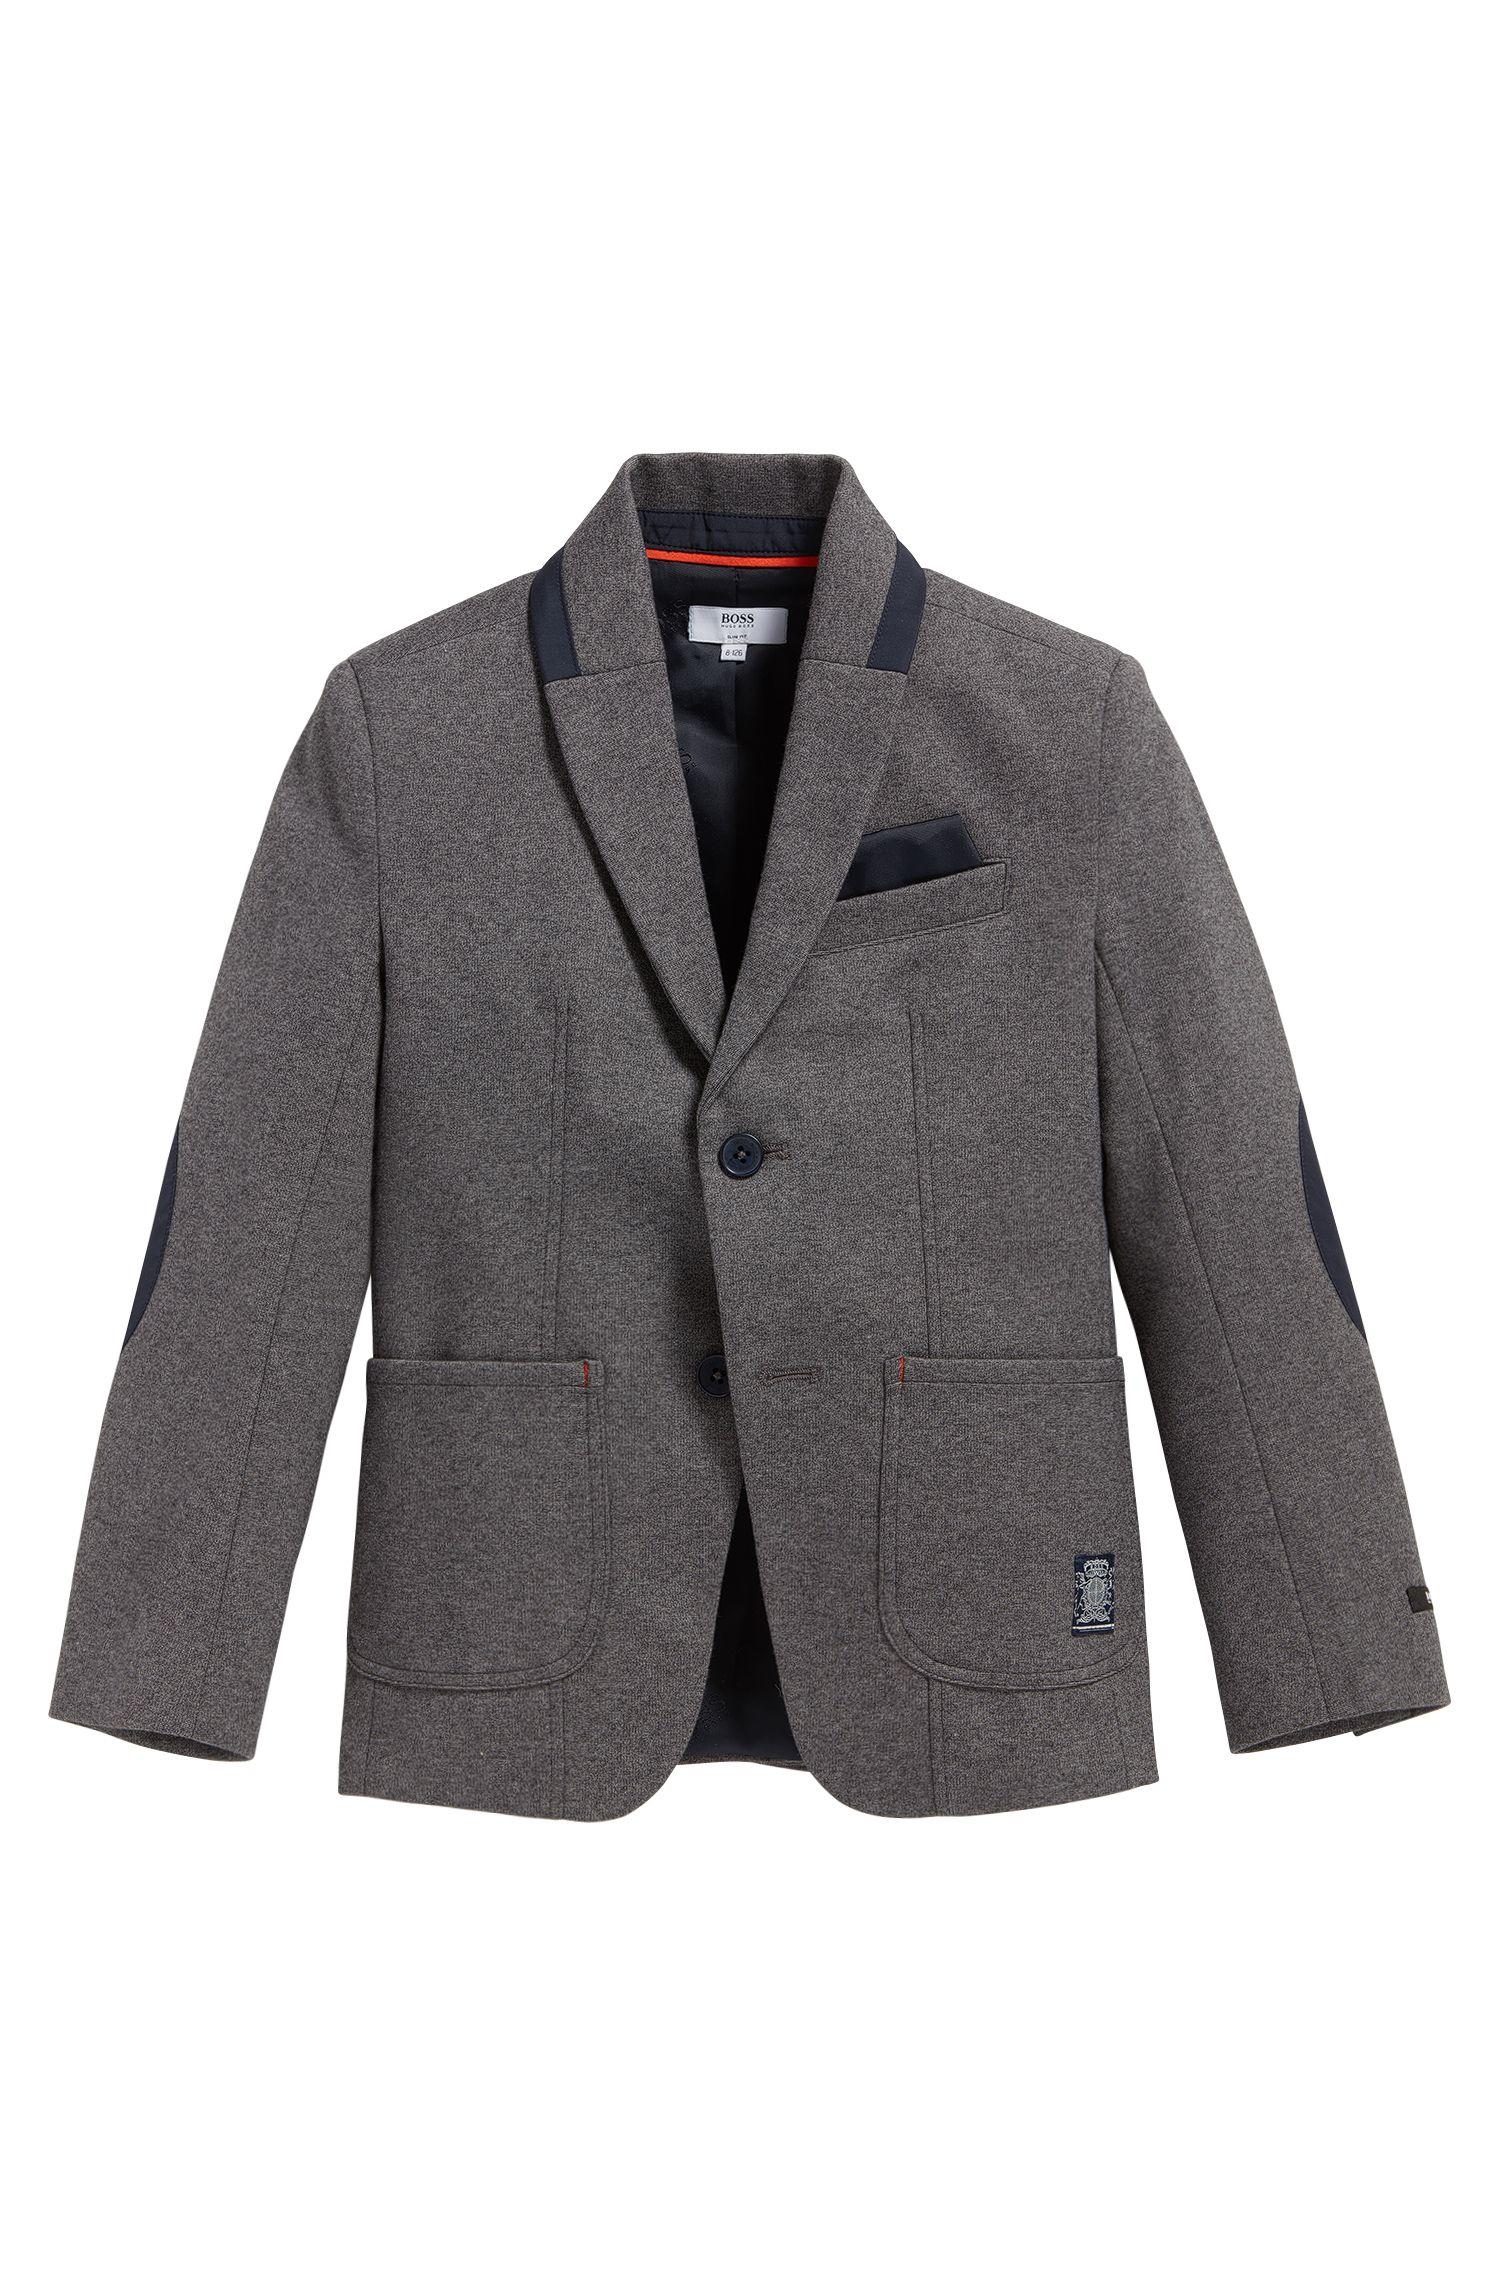 Veste de costume pour enfant en coton mélangé extensible, à coudières: «J26293»